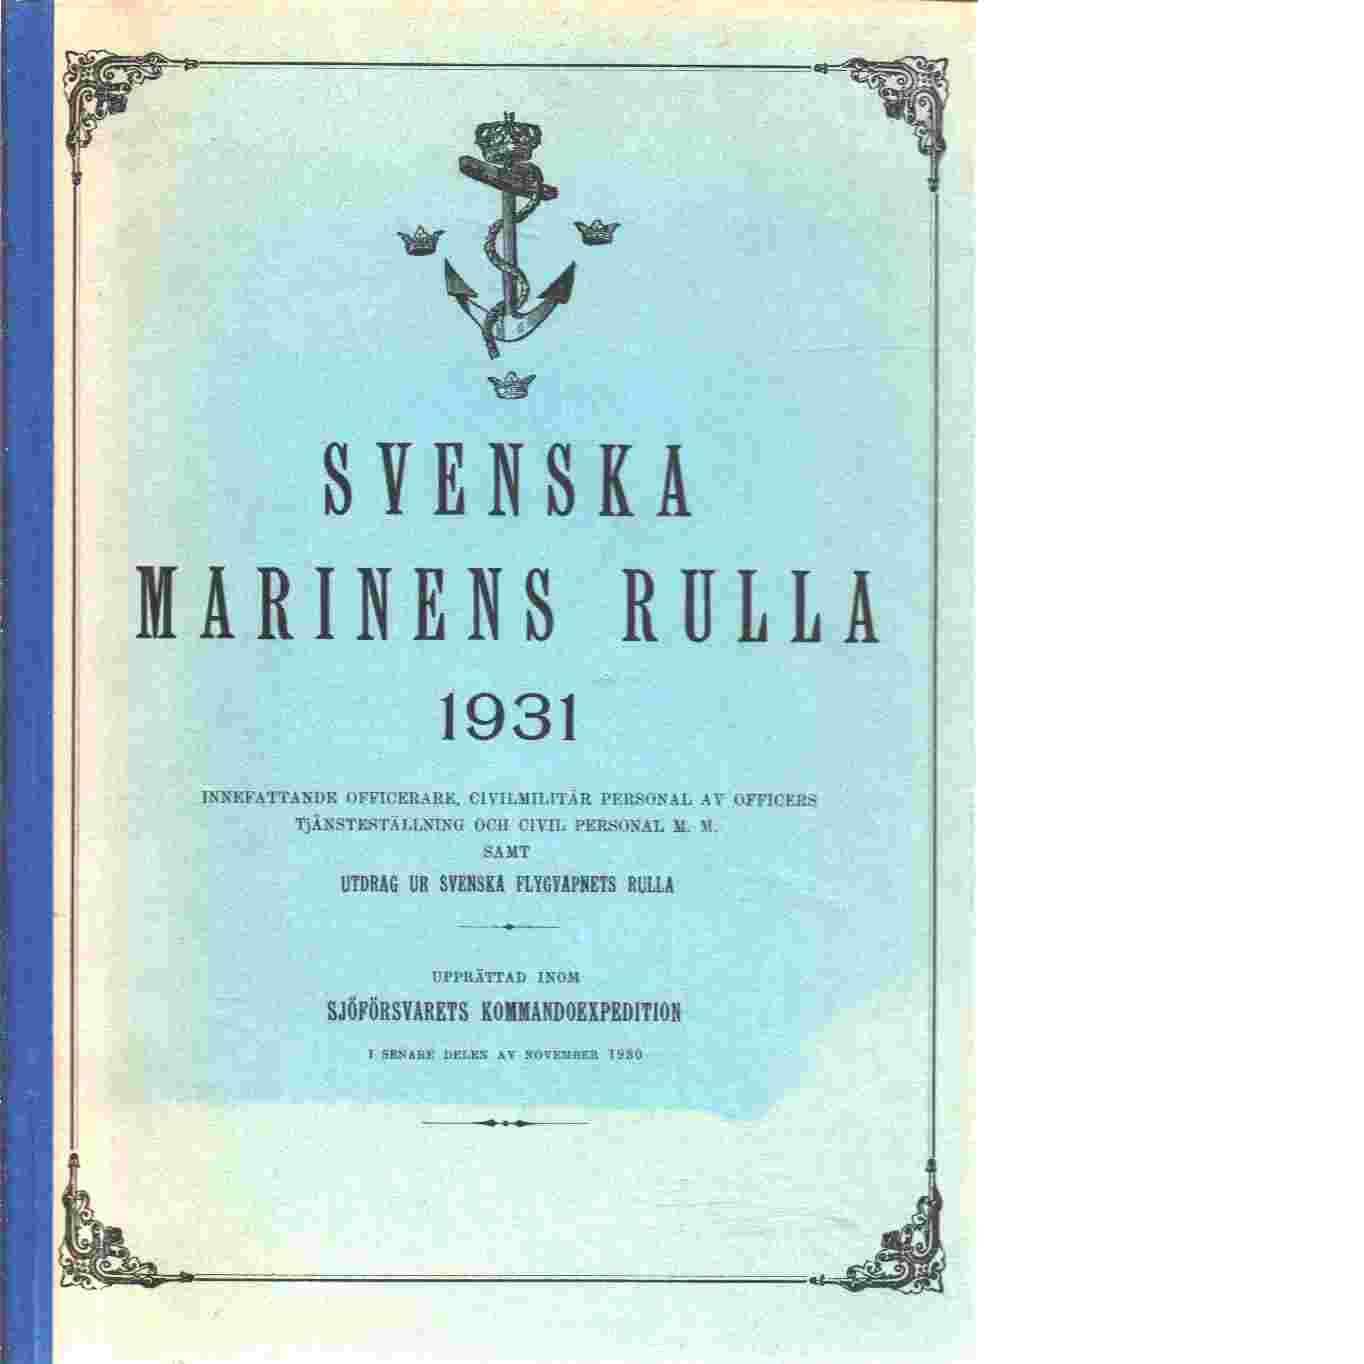 Svenska Marinens Rulla 1931 - Jönköping : Lundgrenska boktr., 1931